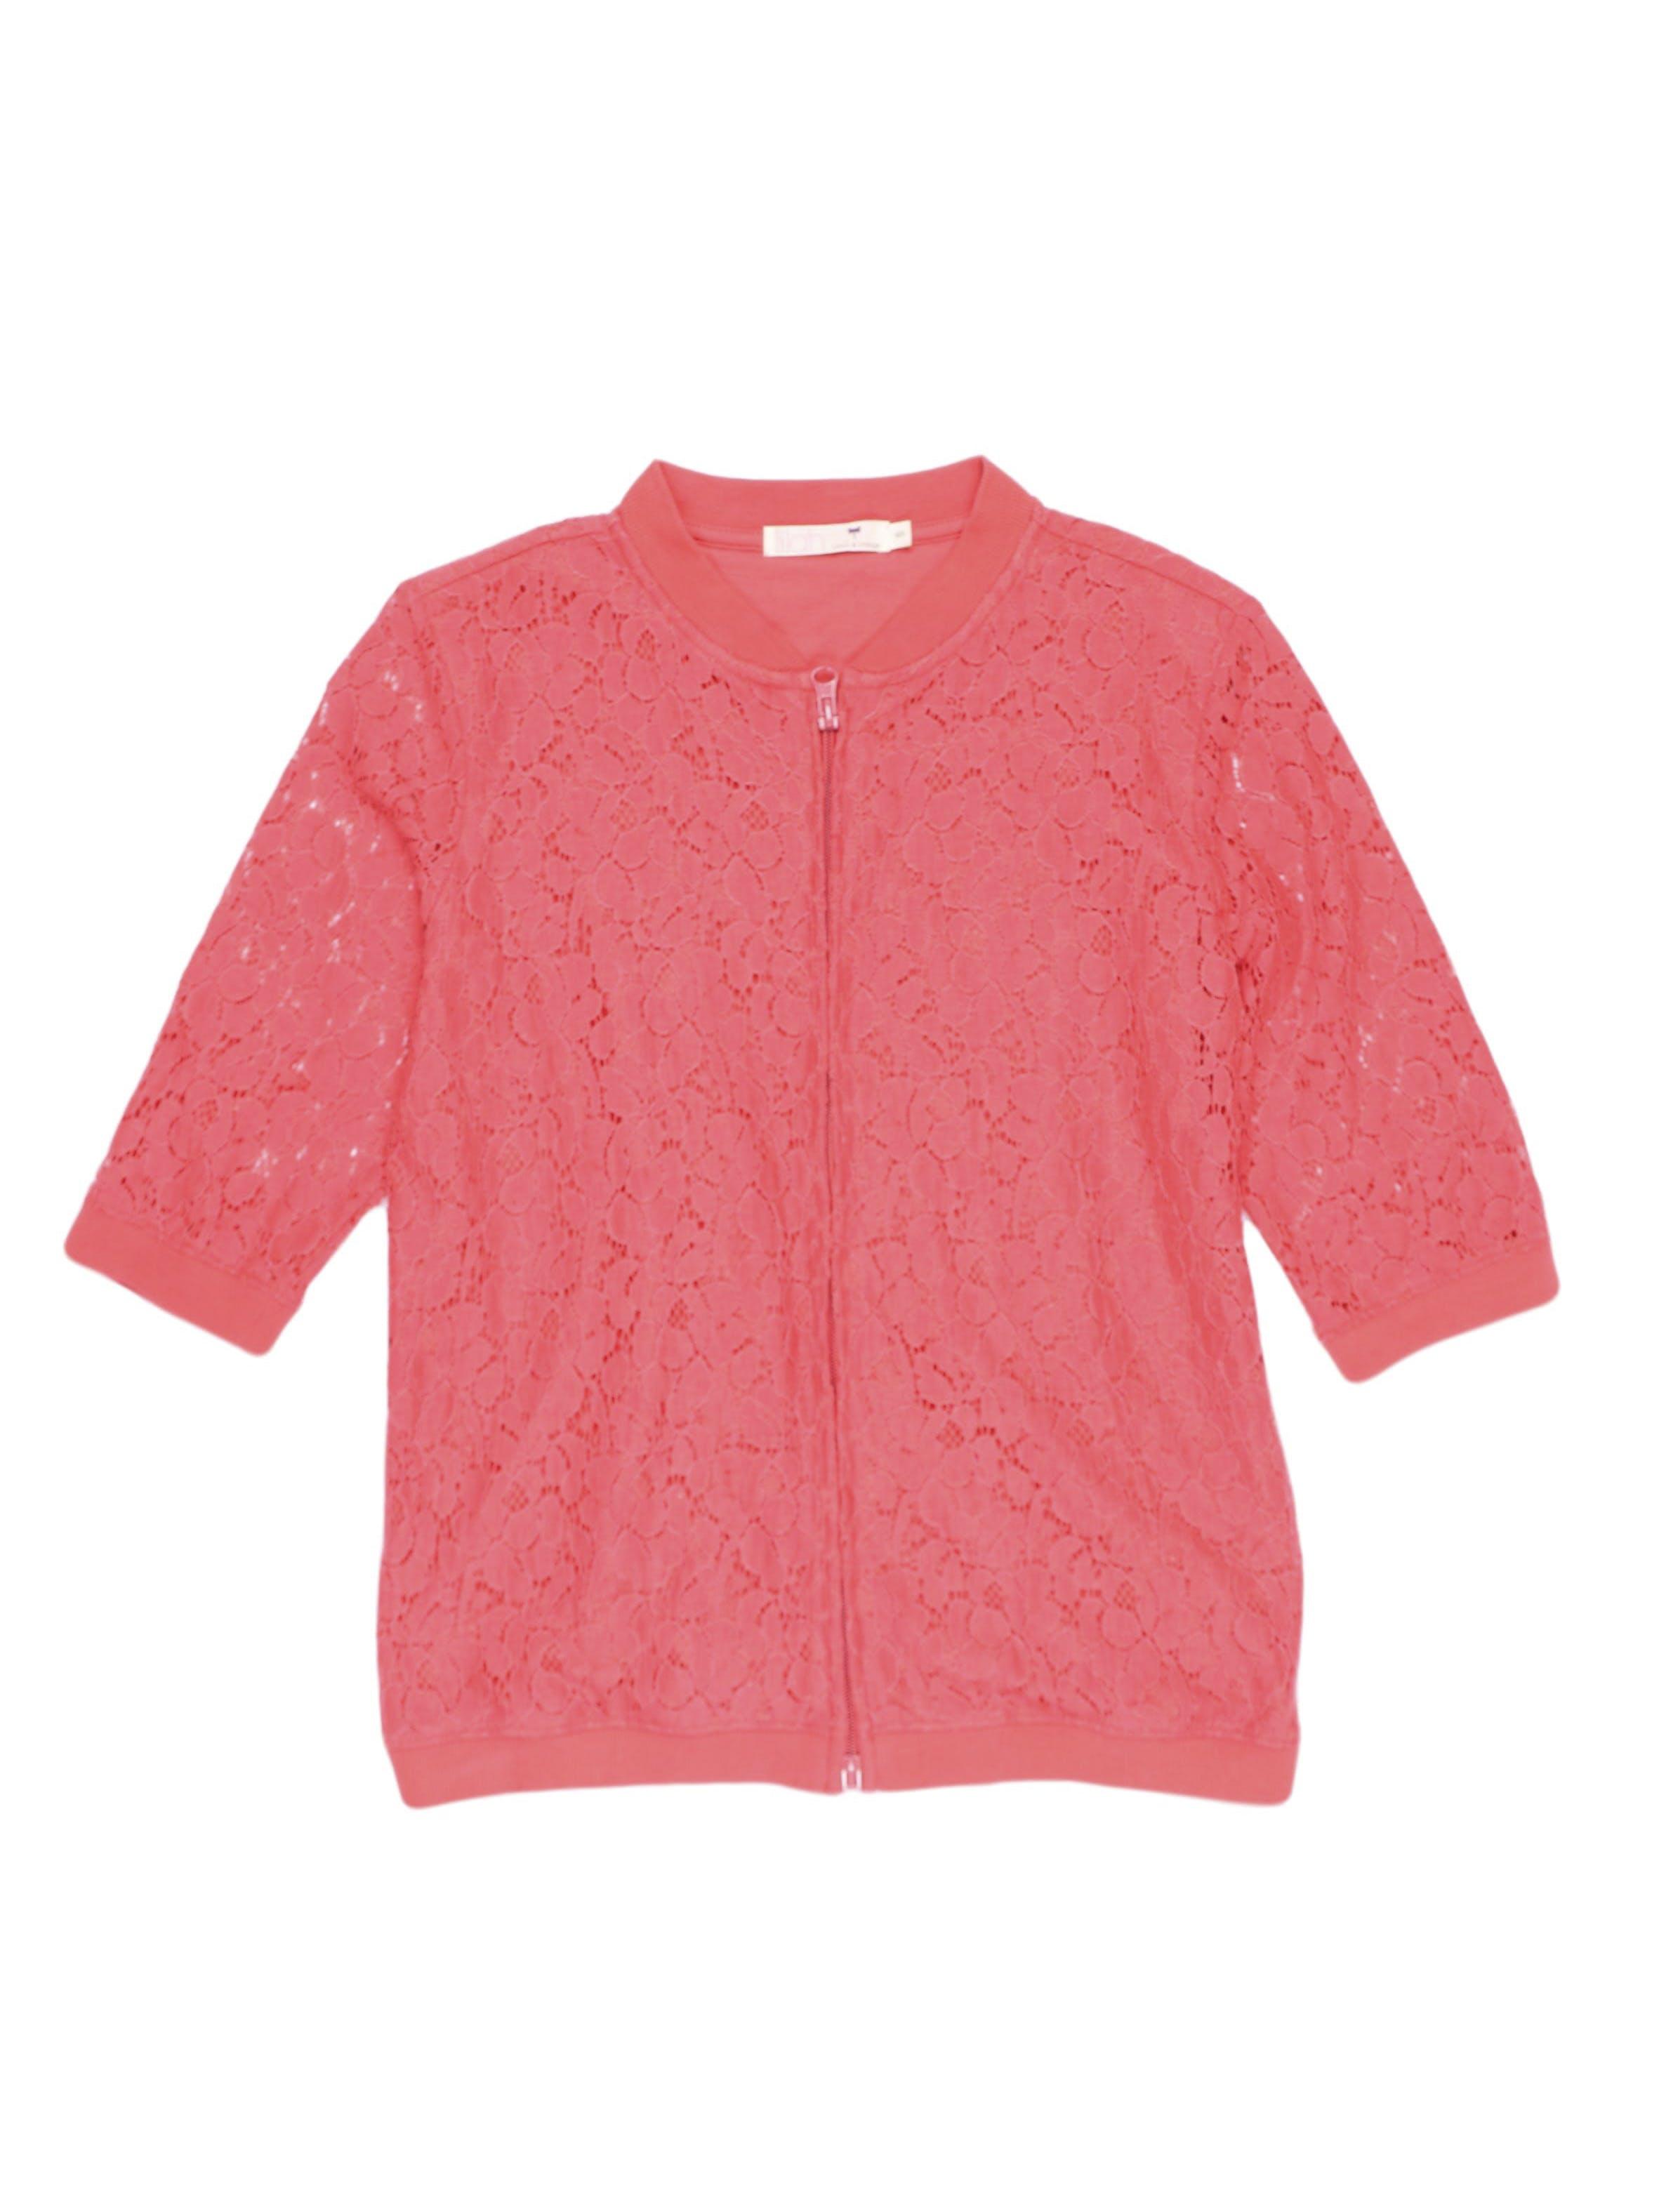 Casaca de encaje coral, forrada en el cuerpo, 70% algodón, manga 3/4 y cierre al centro.